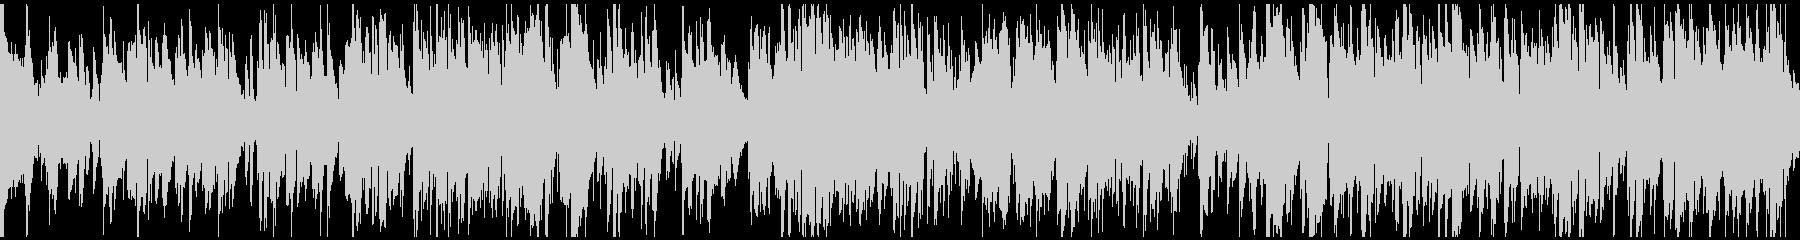 上品な大人のゆったり系ジャズ ※ループ版の未再生の波形